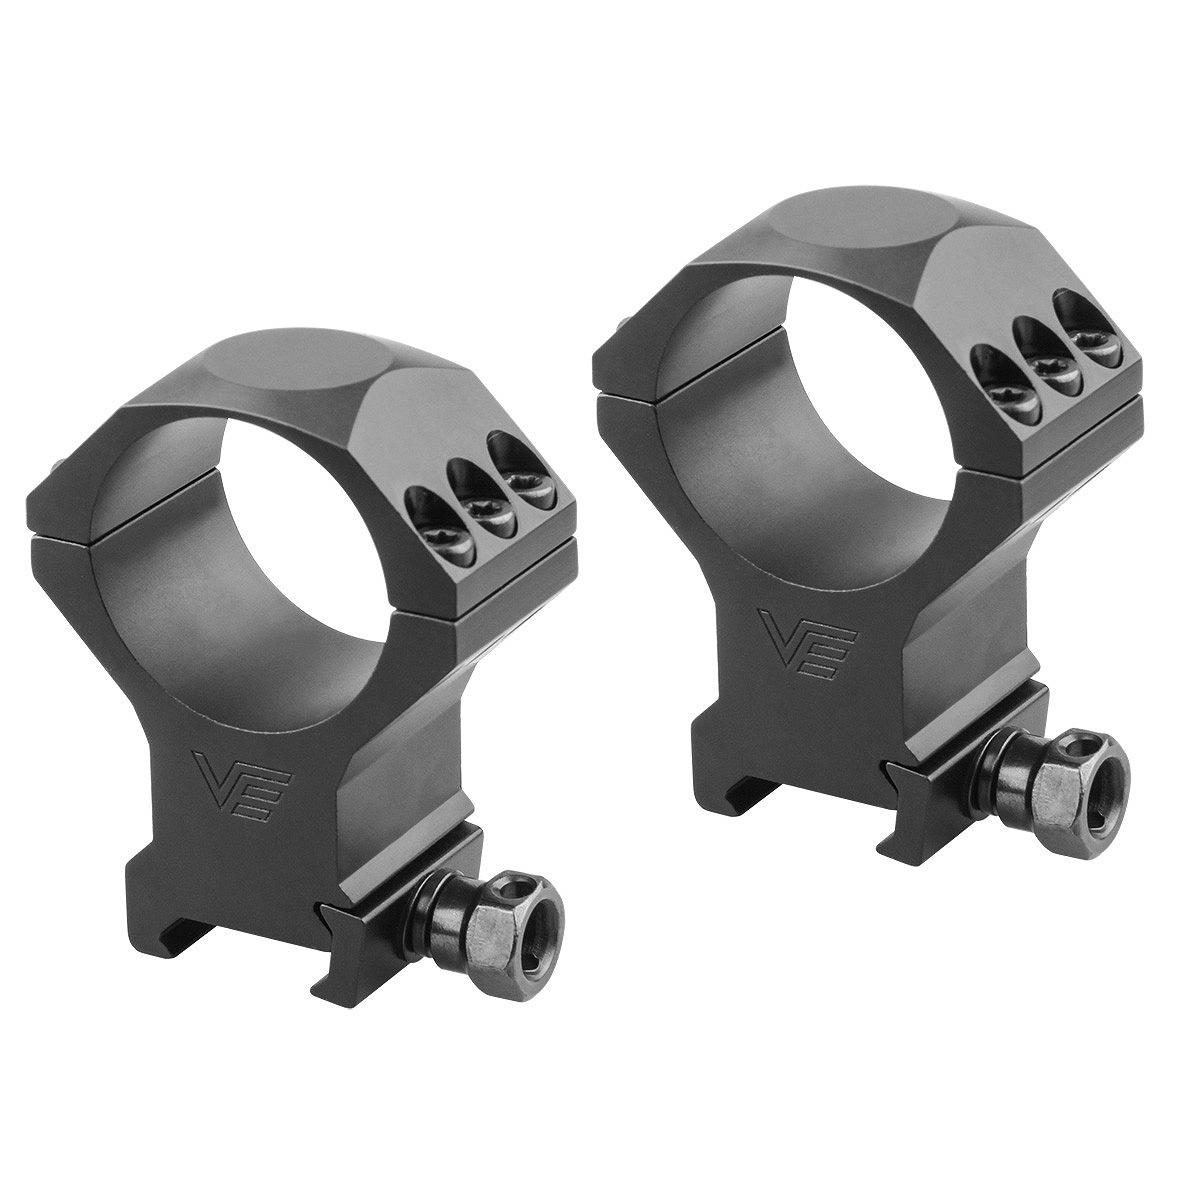 【お届け予定日: 2月28日】ベクターオプティクス ライフルスコープ コンチネンタル 3-18x50 FFP Vector Optics Continental 3-18x50 FFP